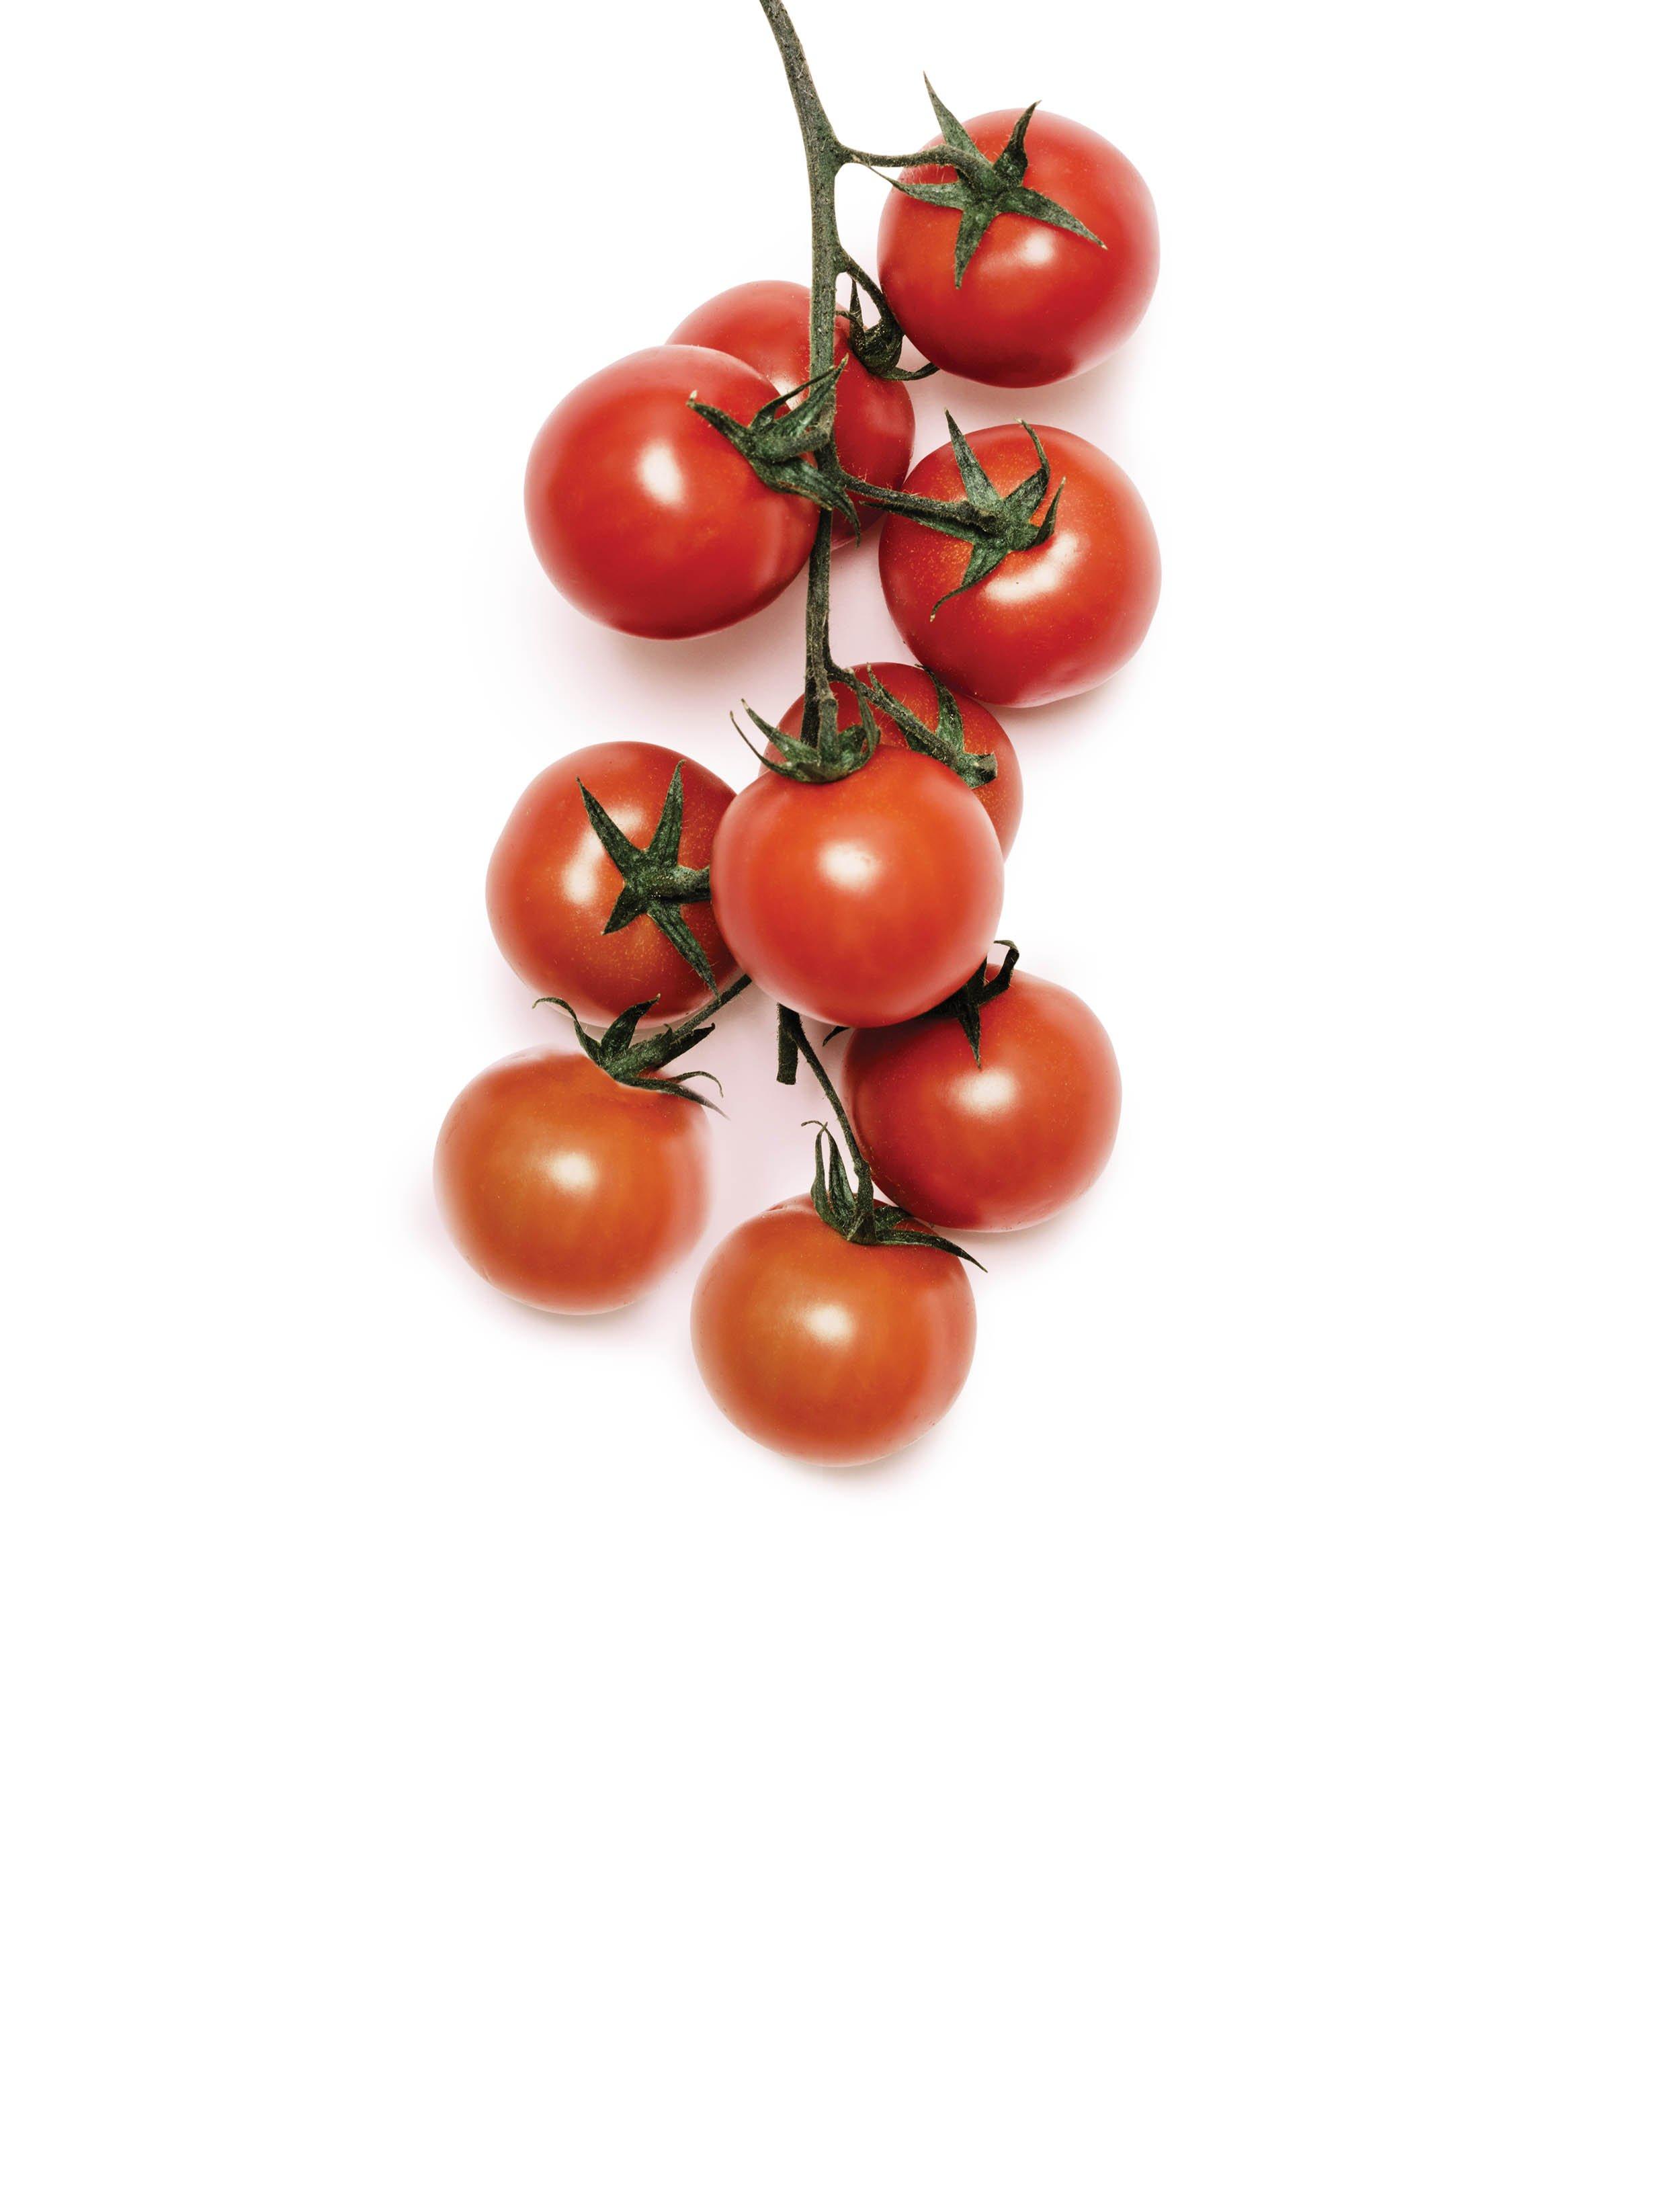 05_22_GMO_11